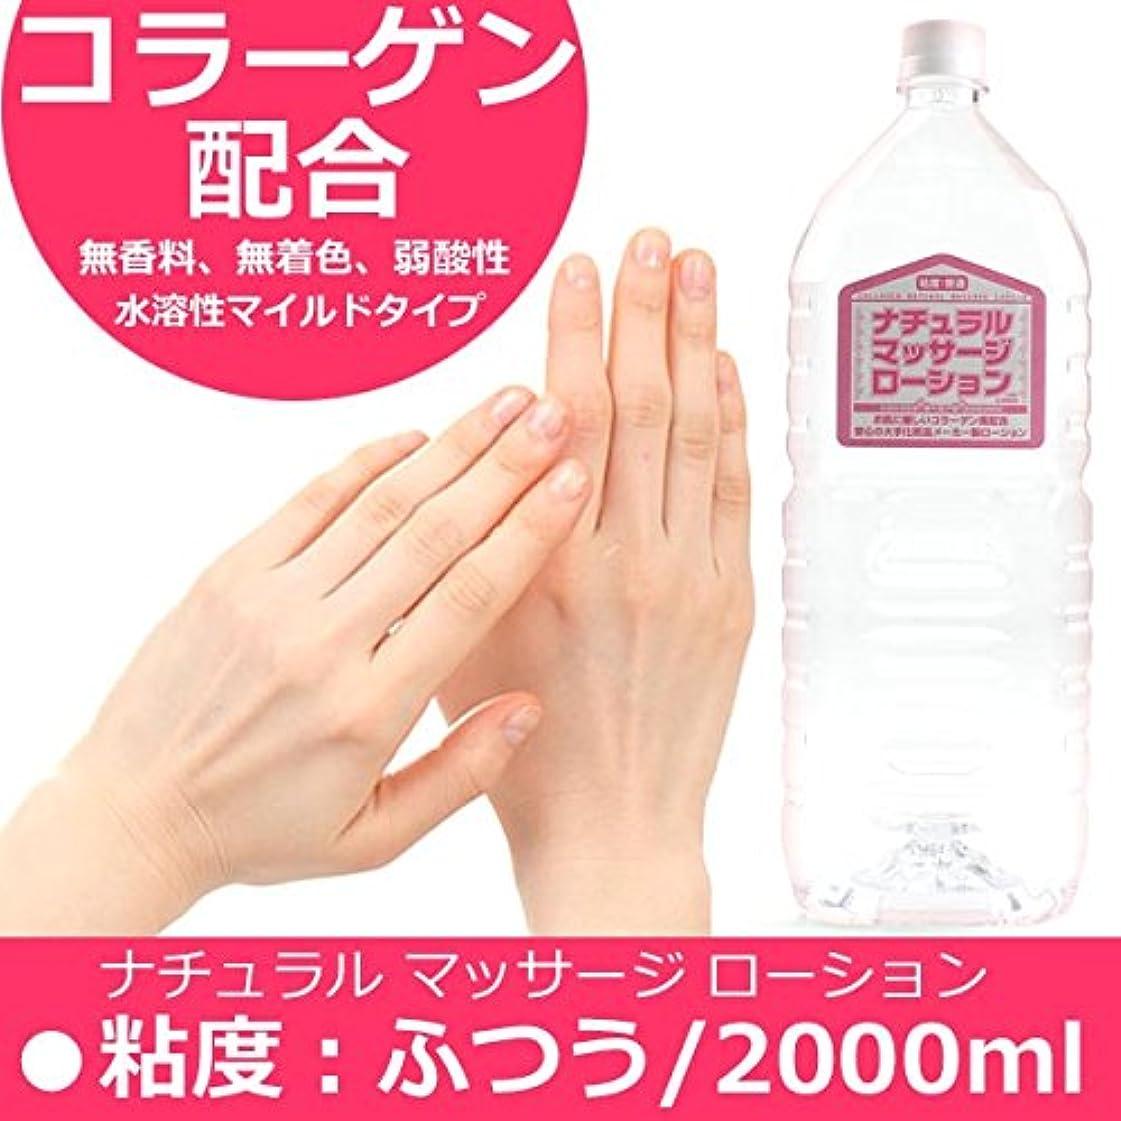 ブラストびっくり王朝ナチュラルマッサージ ローション 2000m 業務用の詰替えにも!!